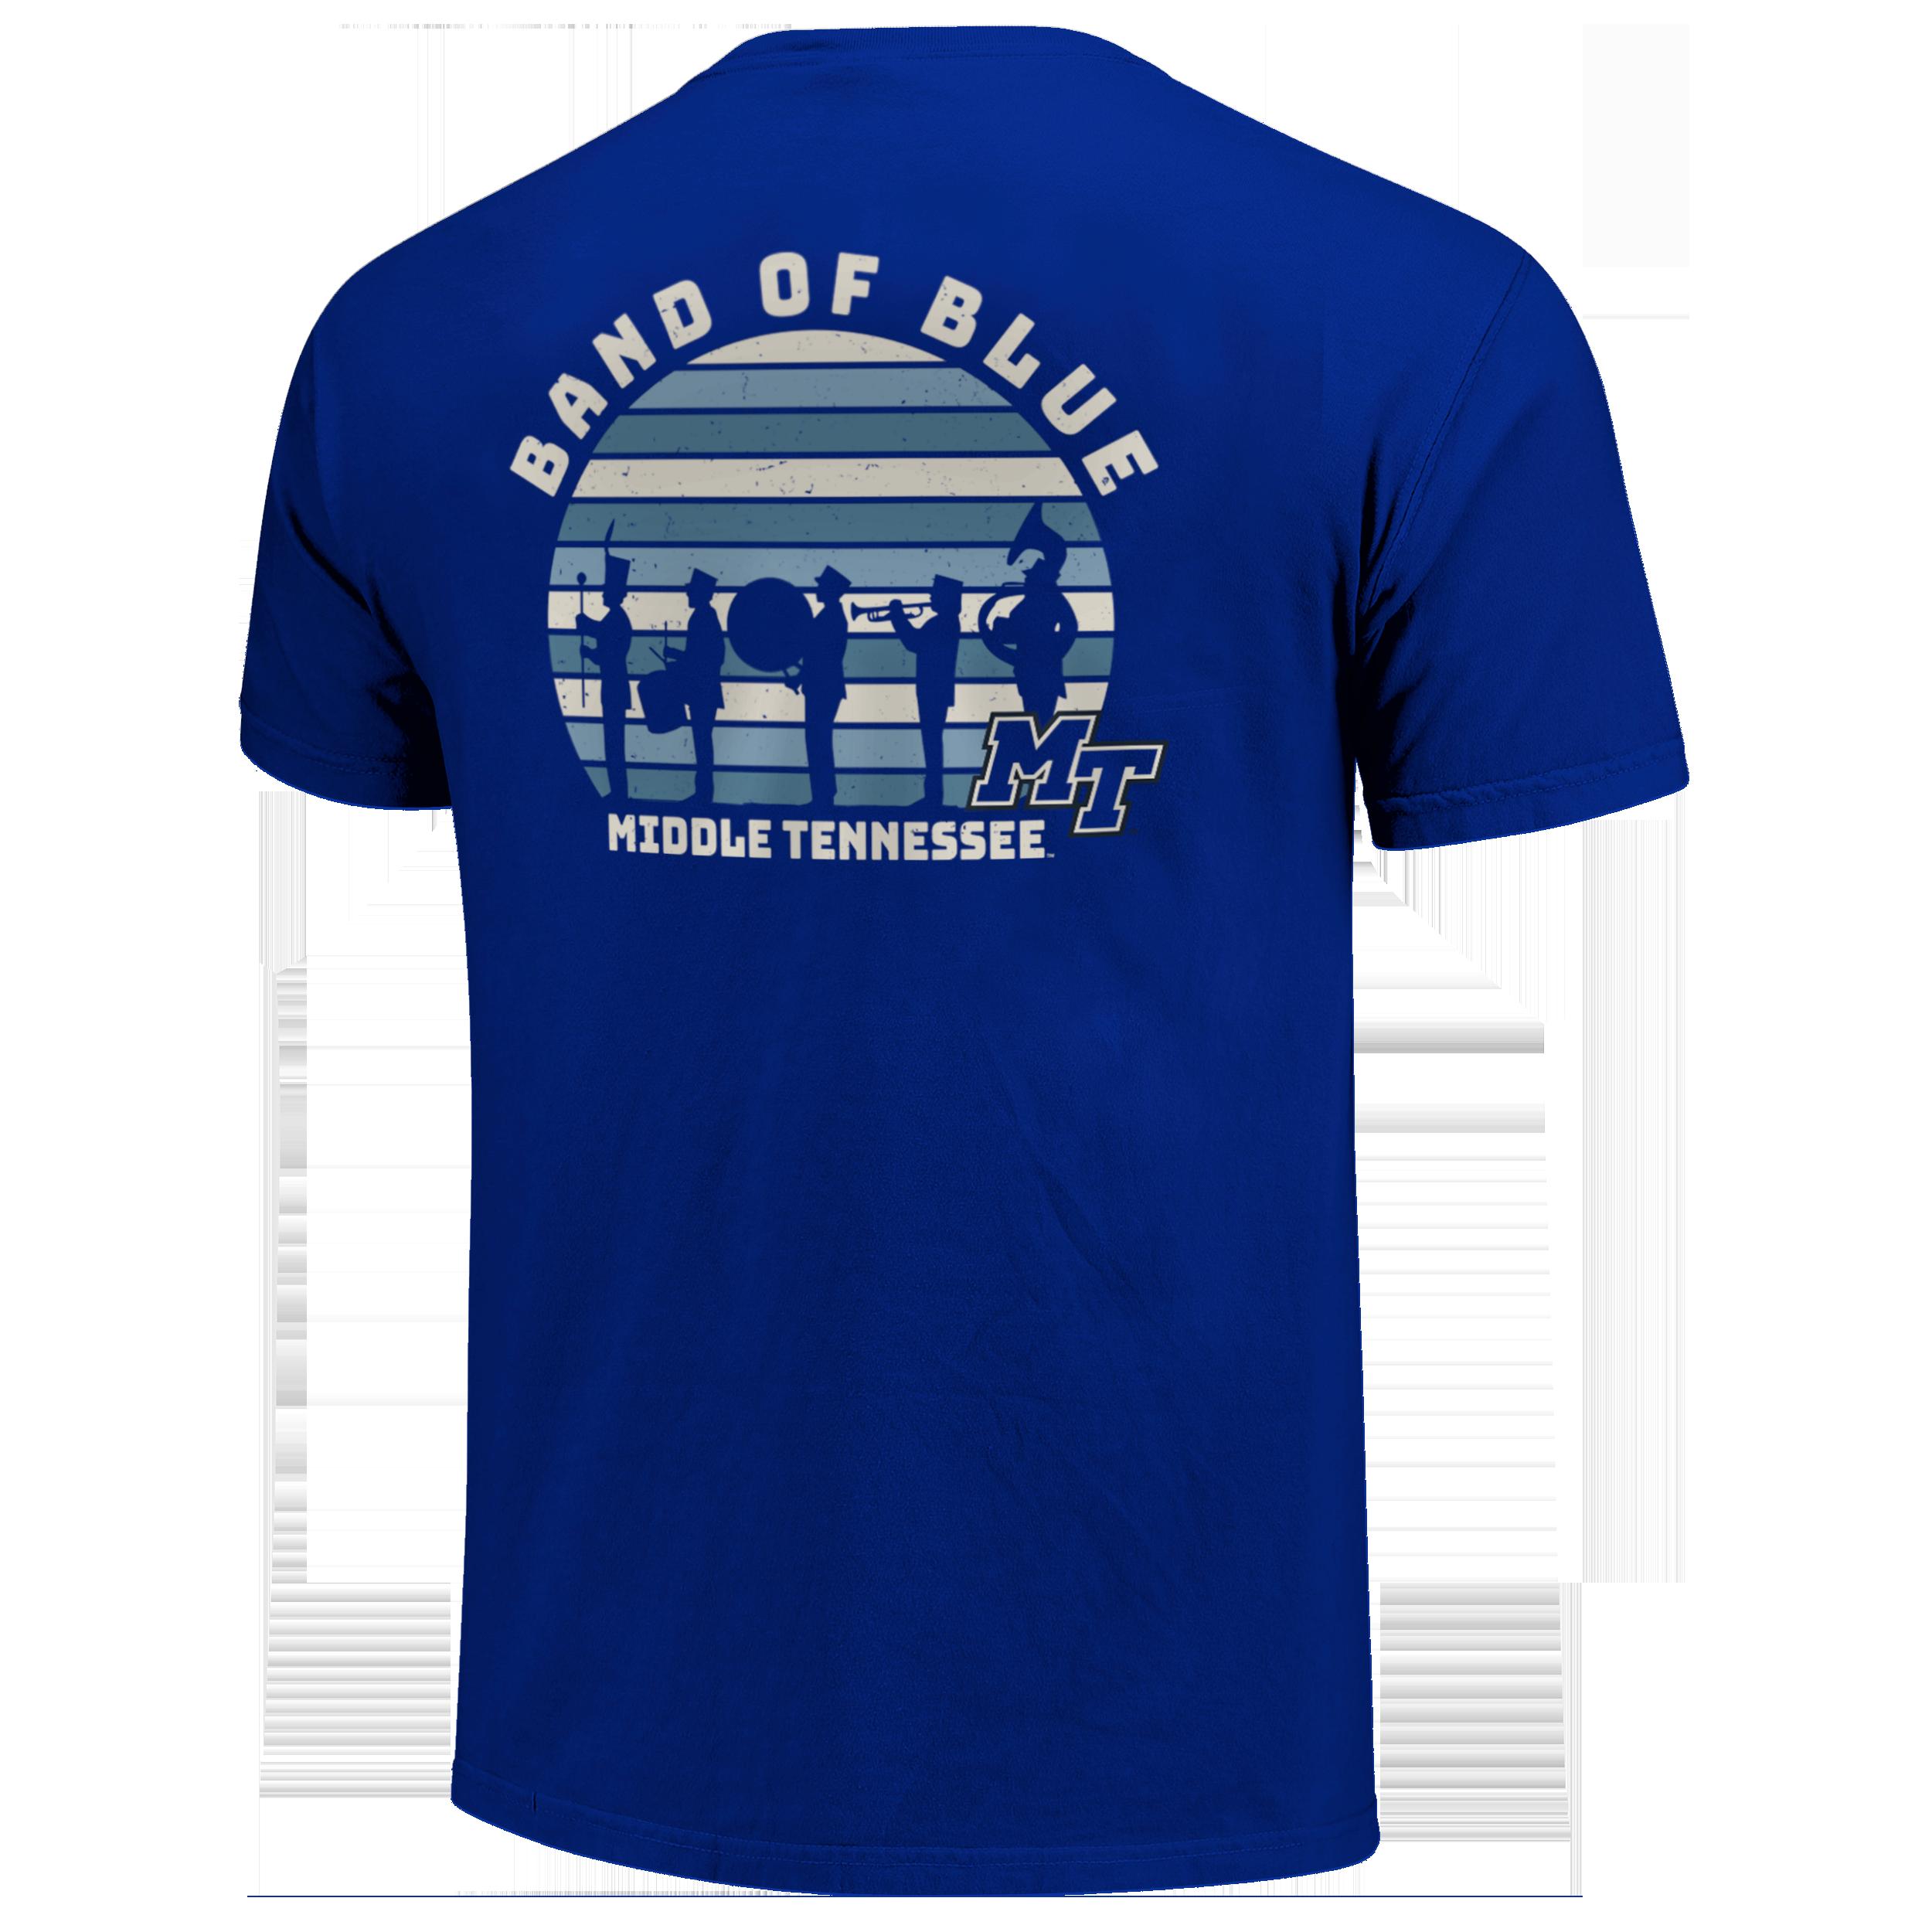 MT Band of Blue Tshirt